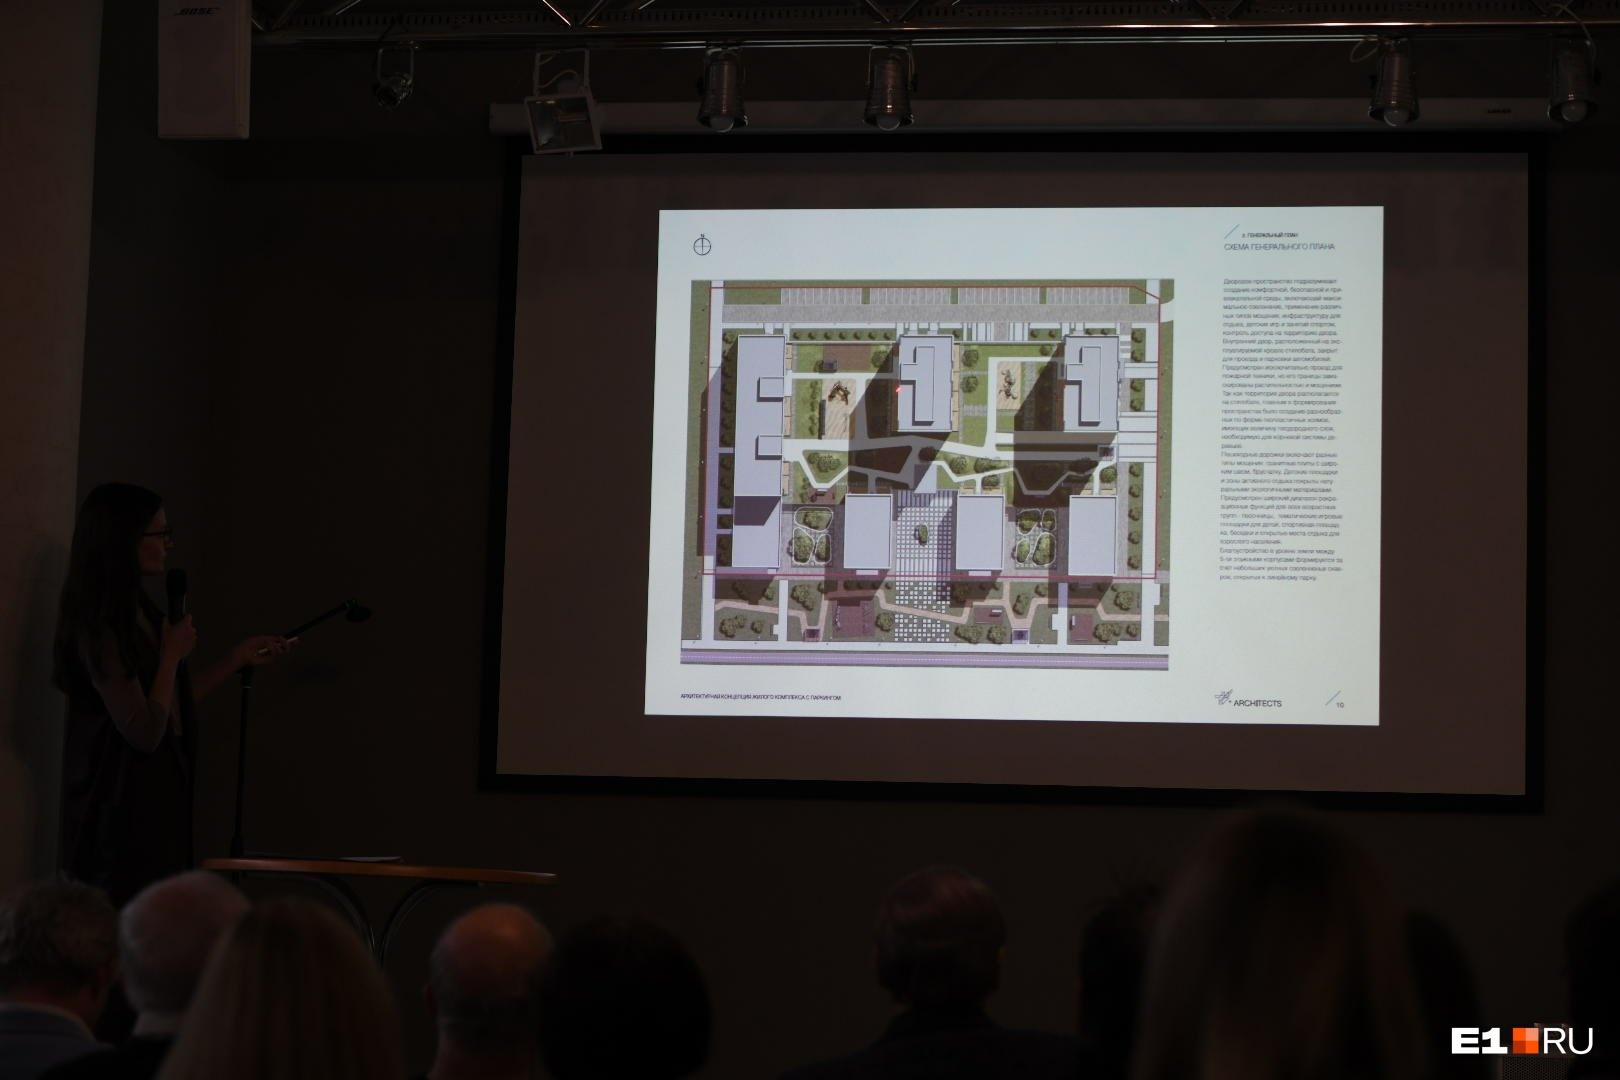 Квартальчик, который презентовали сегодня. Если смотреть на схему выше, он находится в левом верхнем углу